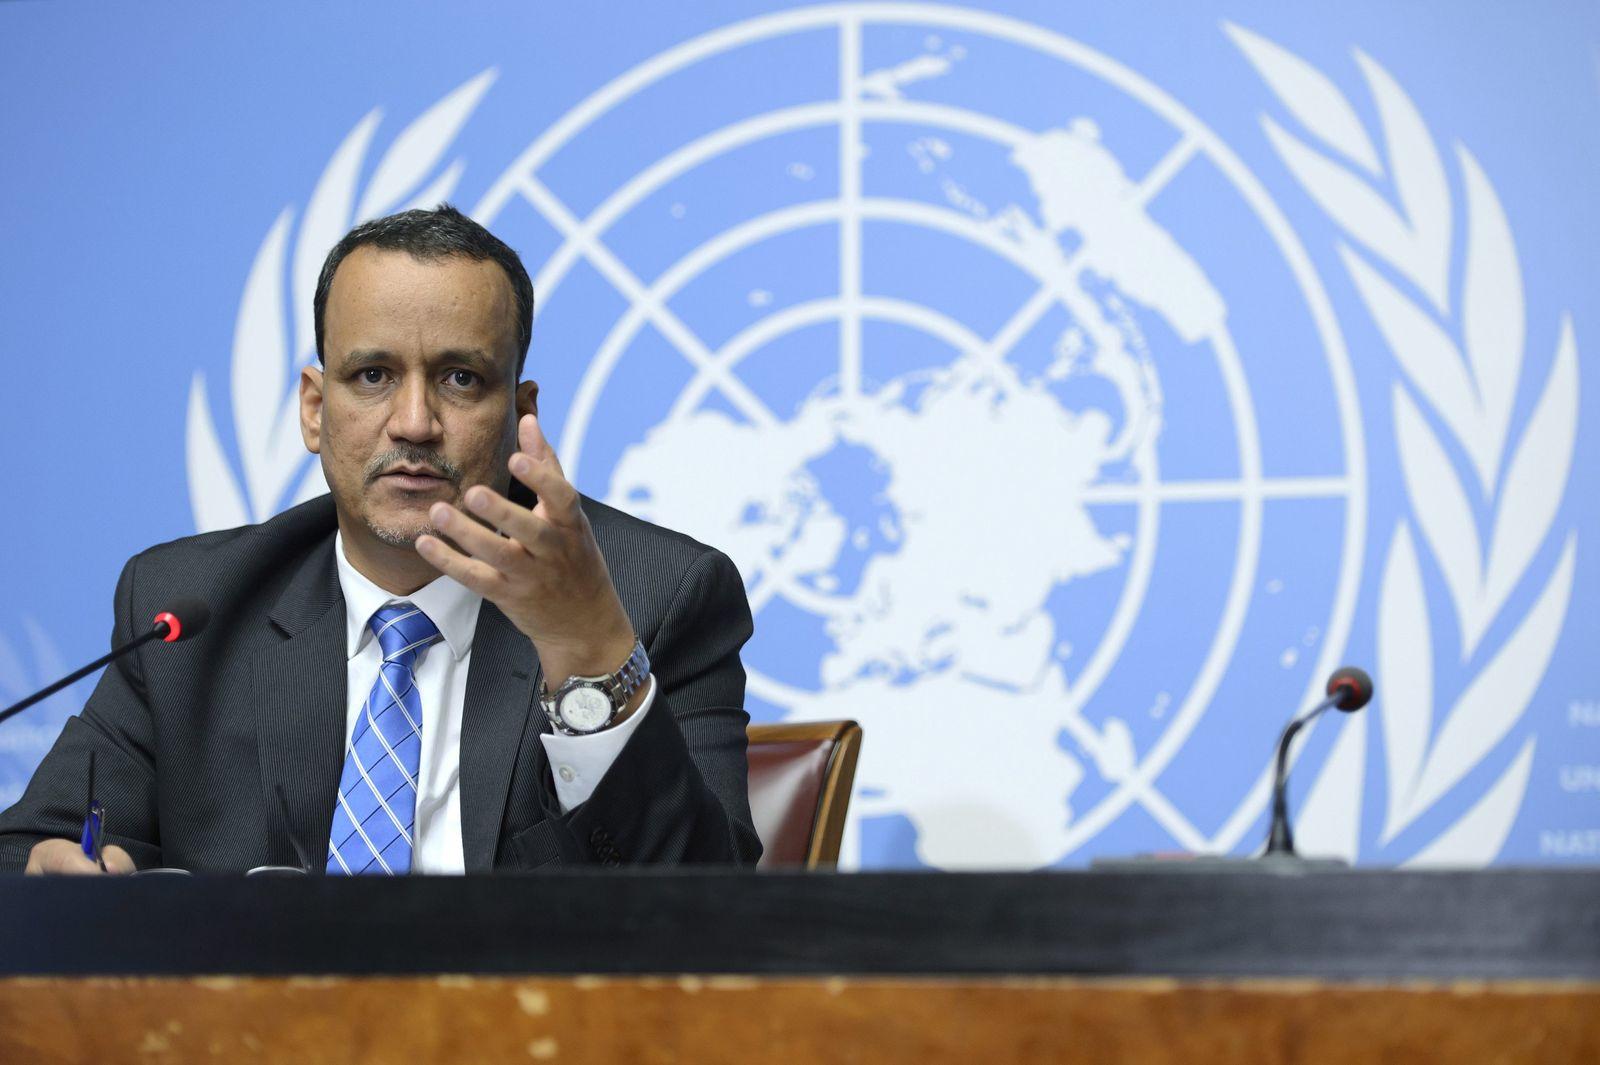 Uno-Sondergesandter für Jemen, Ismail Ould Cheikh Ahmed